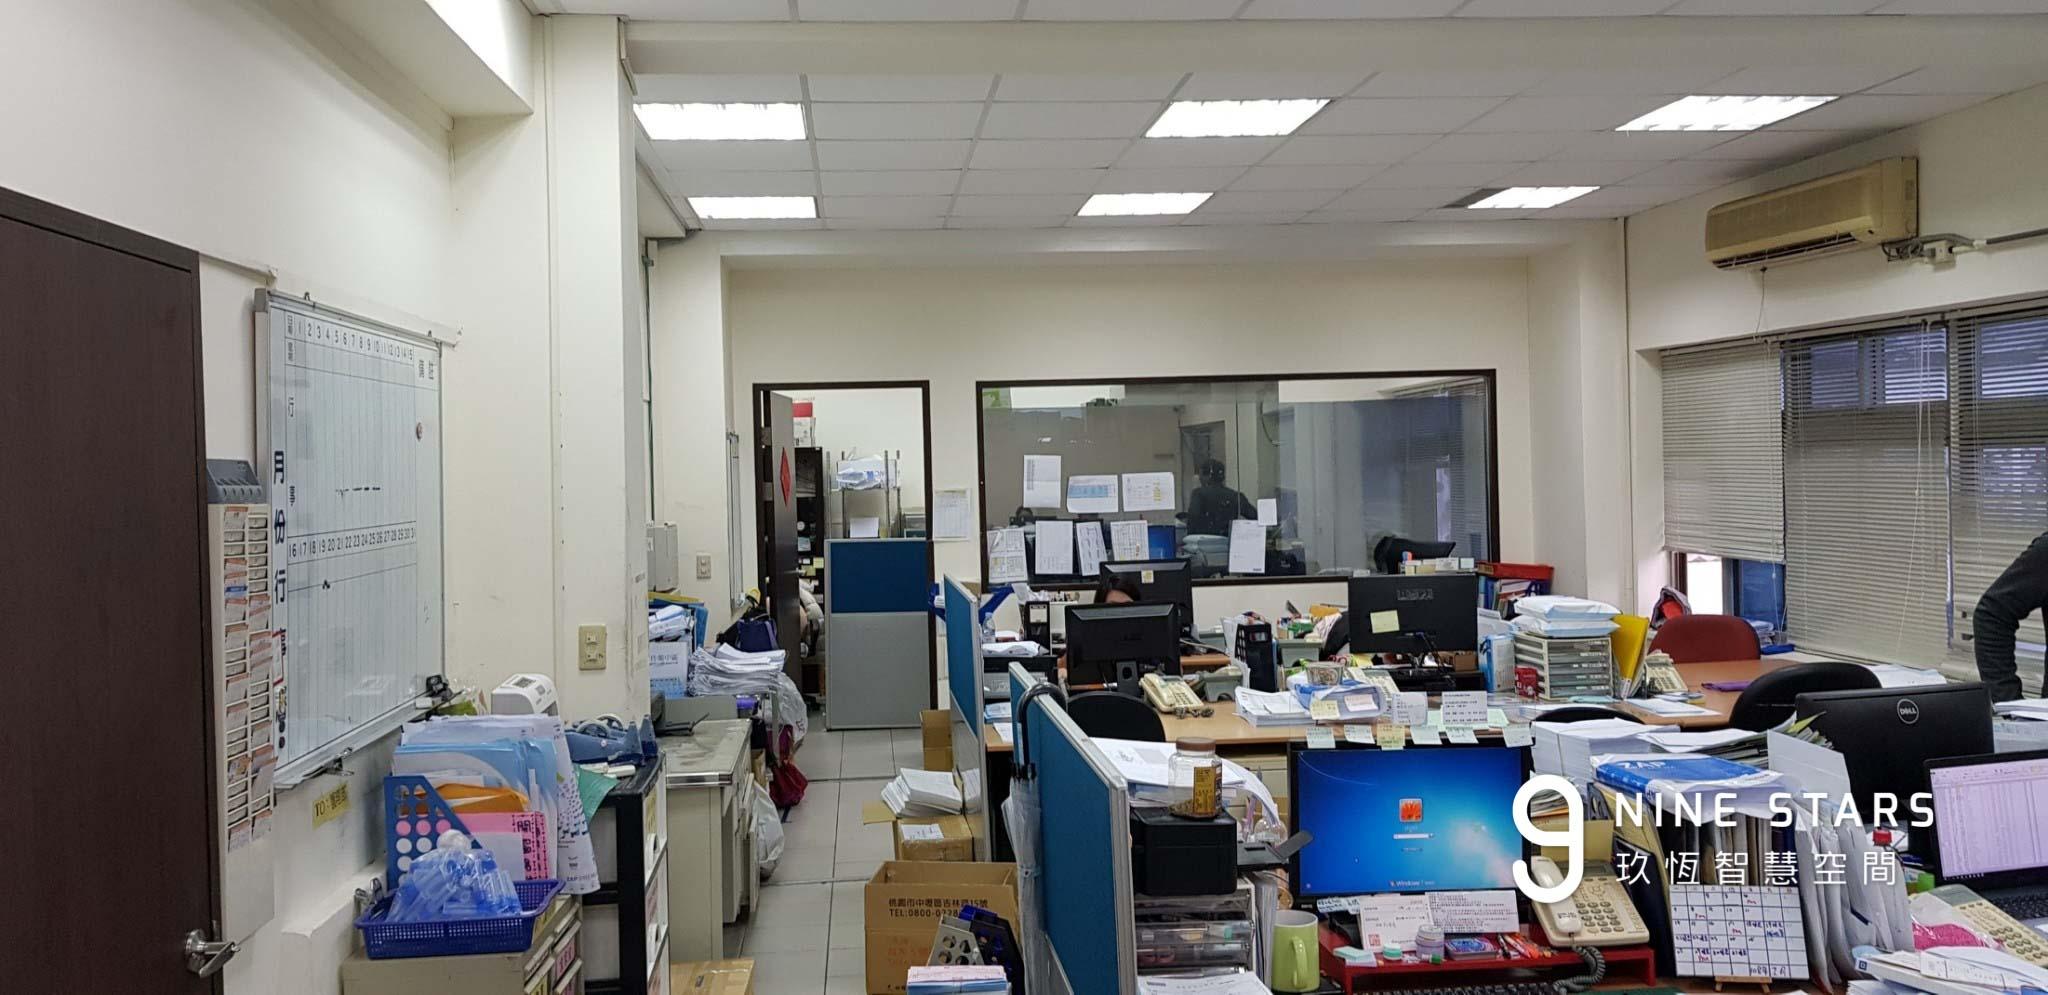 原本作為辦公室使用的空間